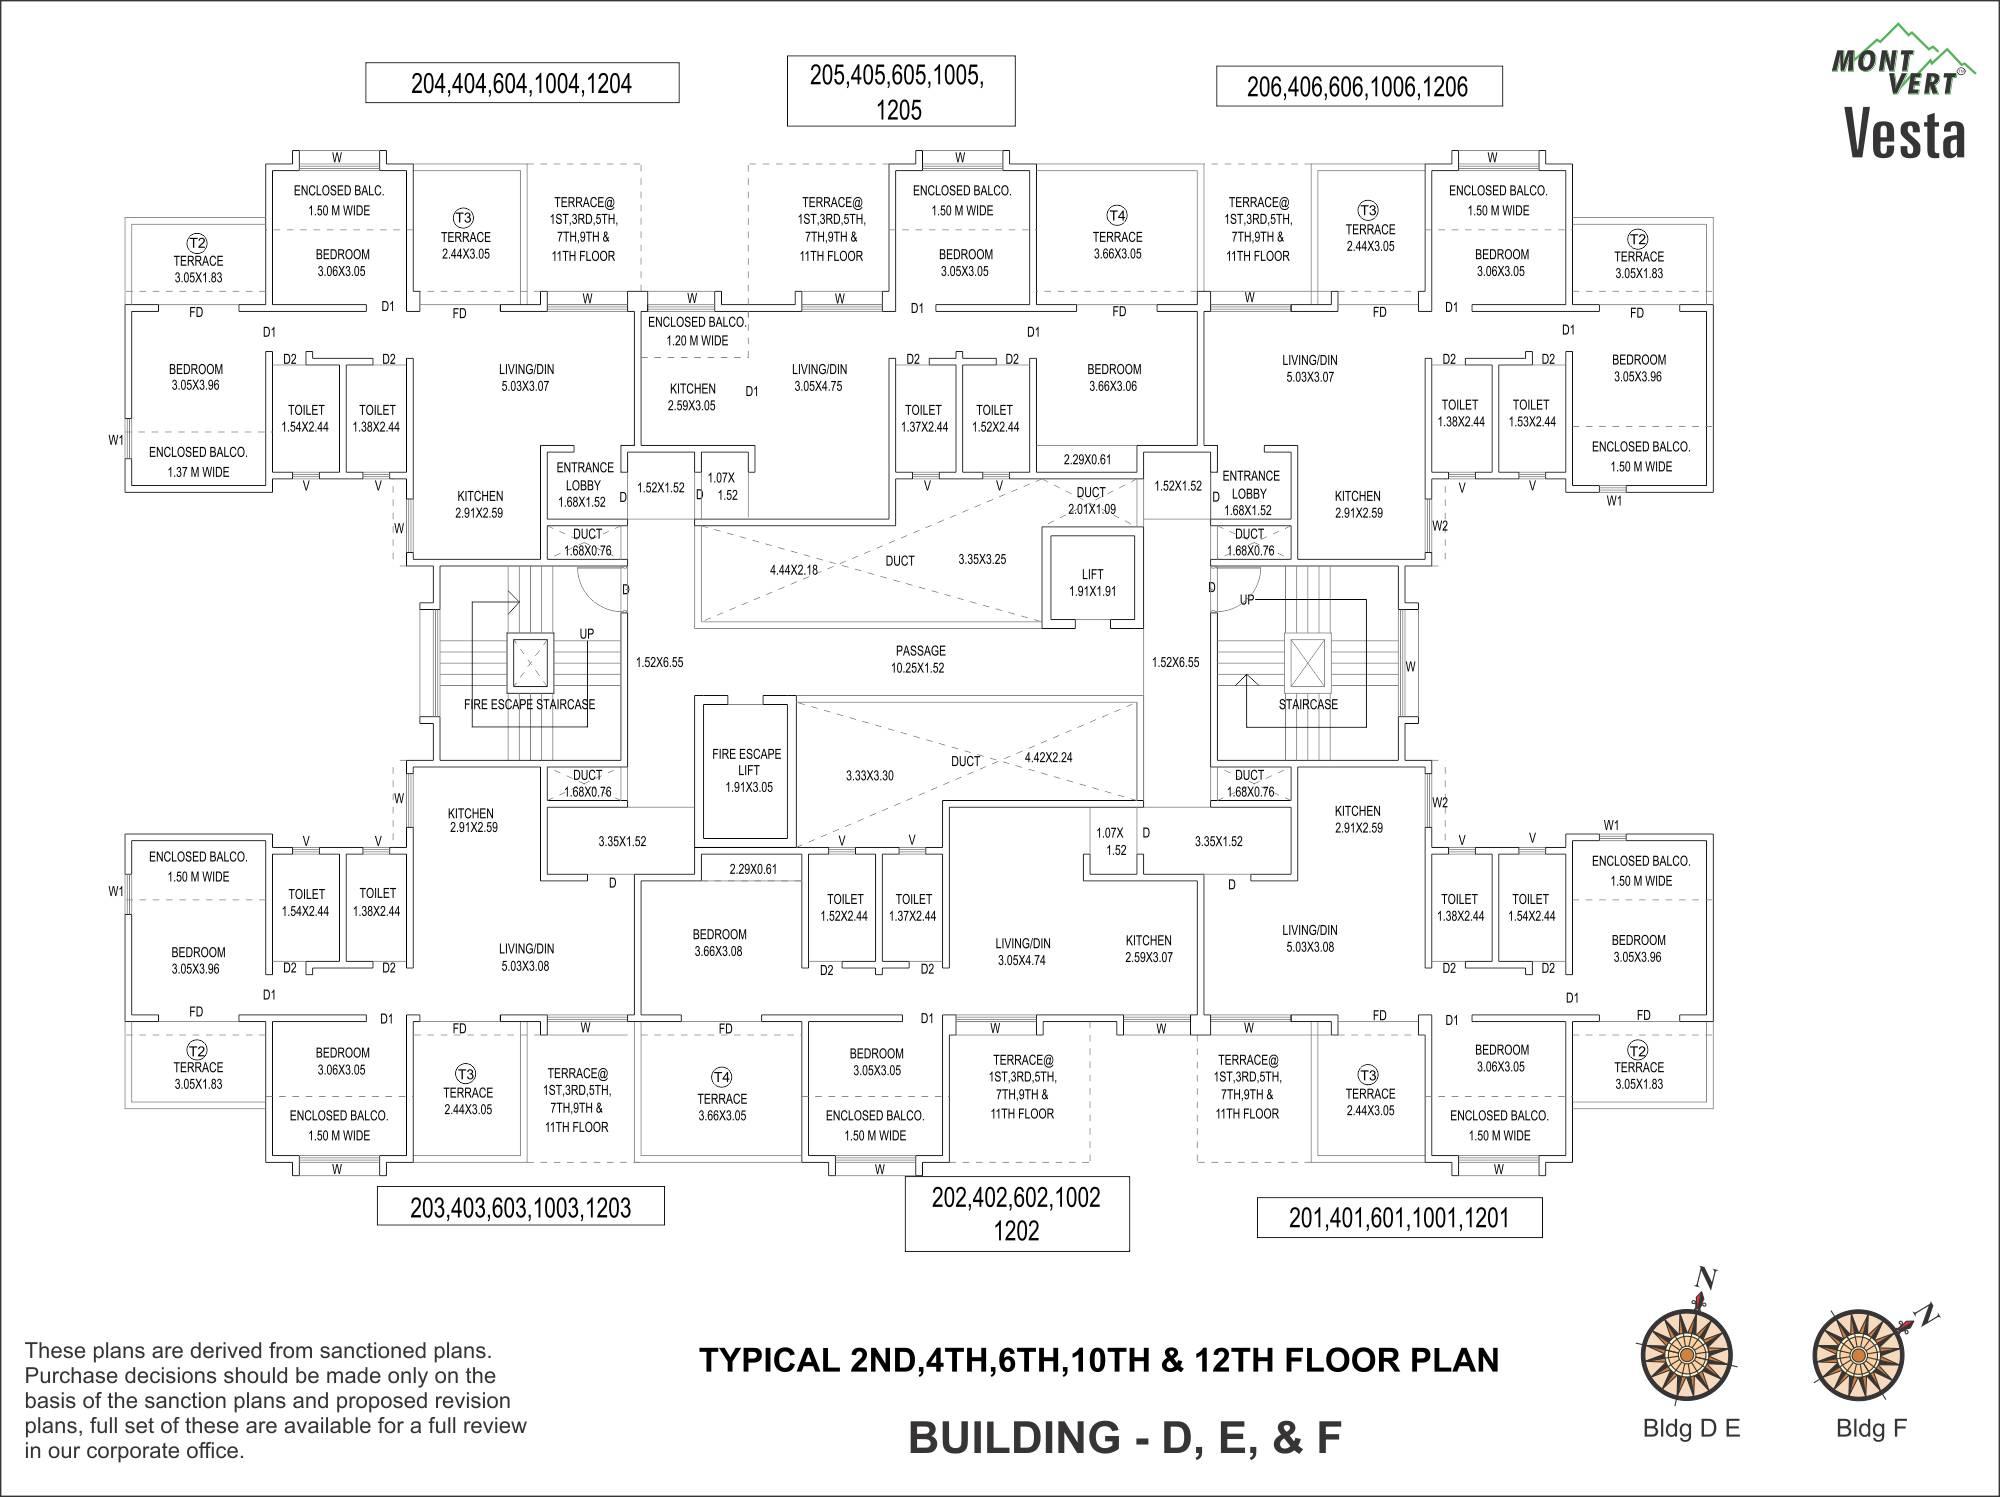 2 BHK Even Floor Plans D, E, F – Mont Vert Vesta